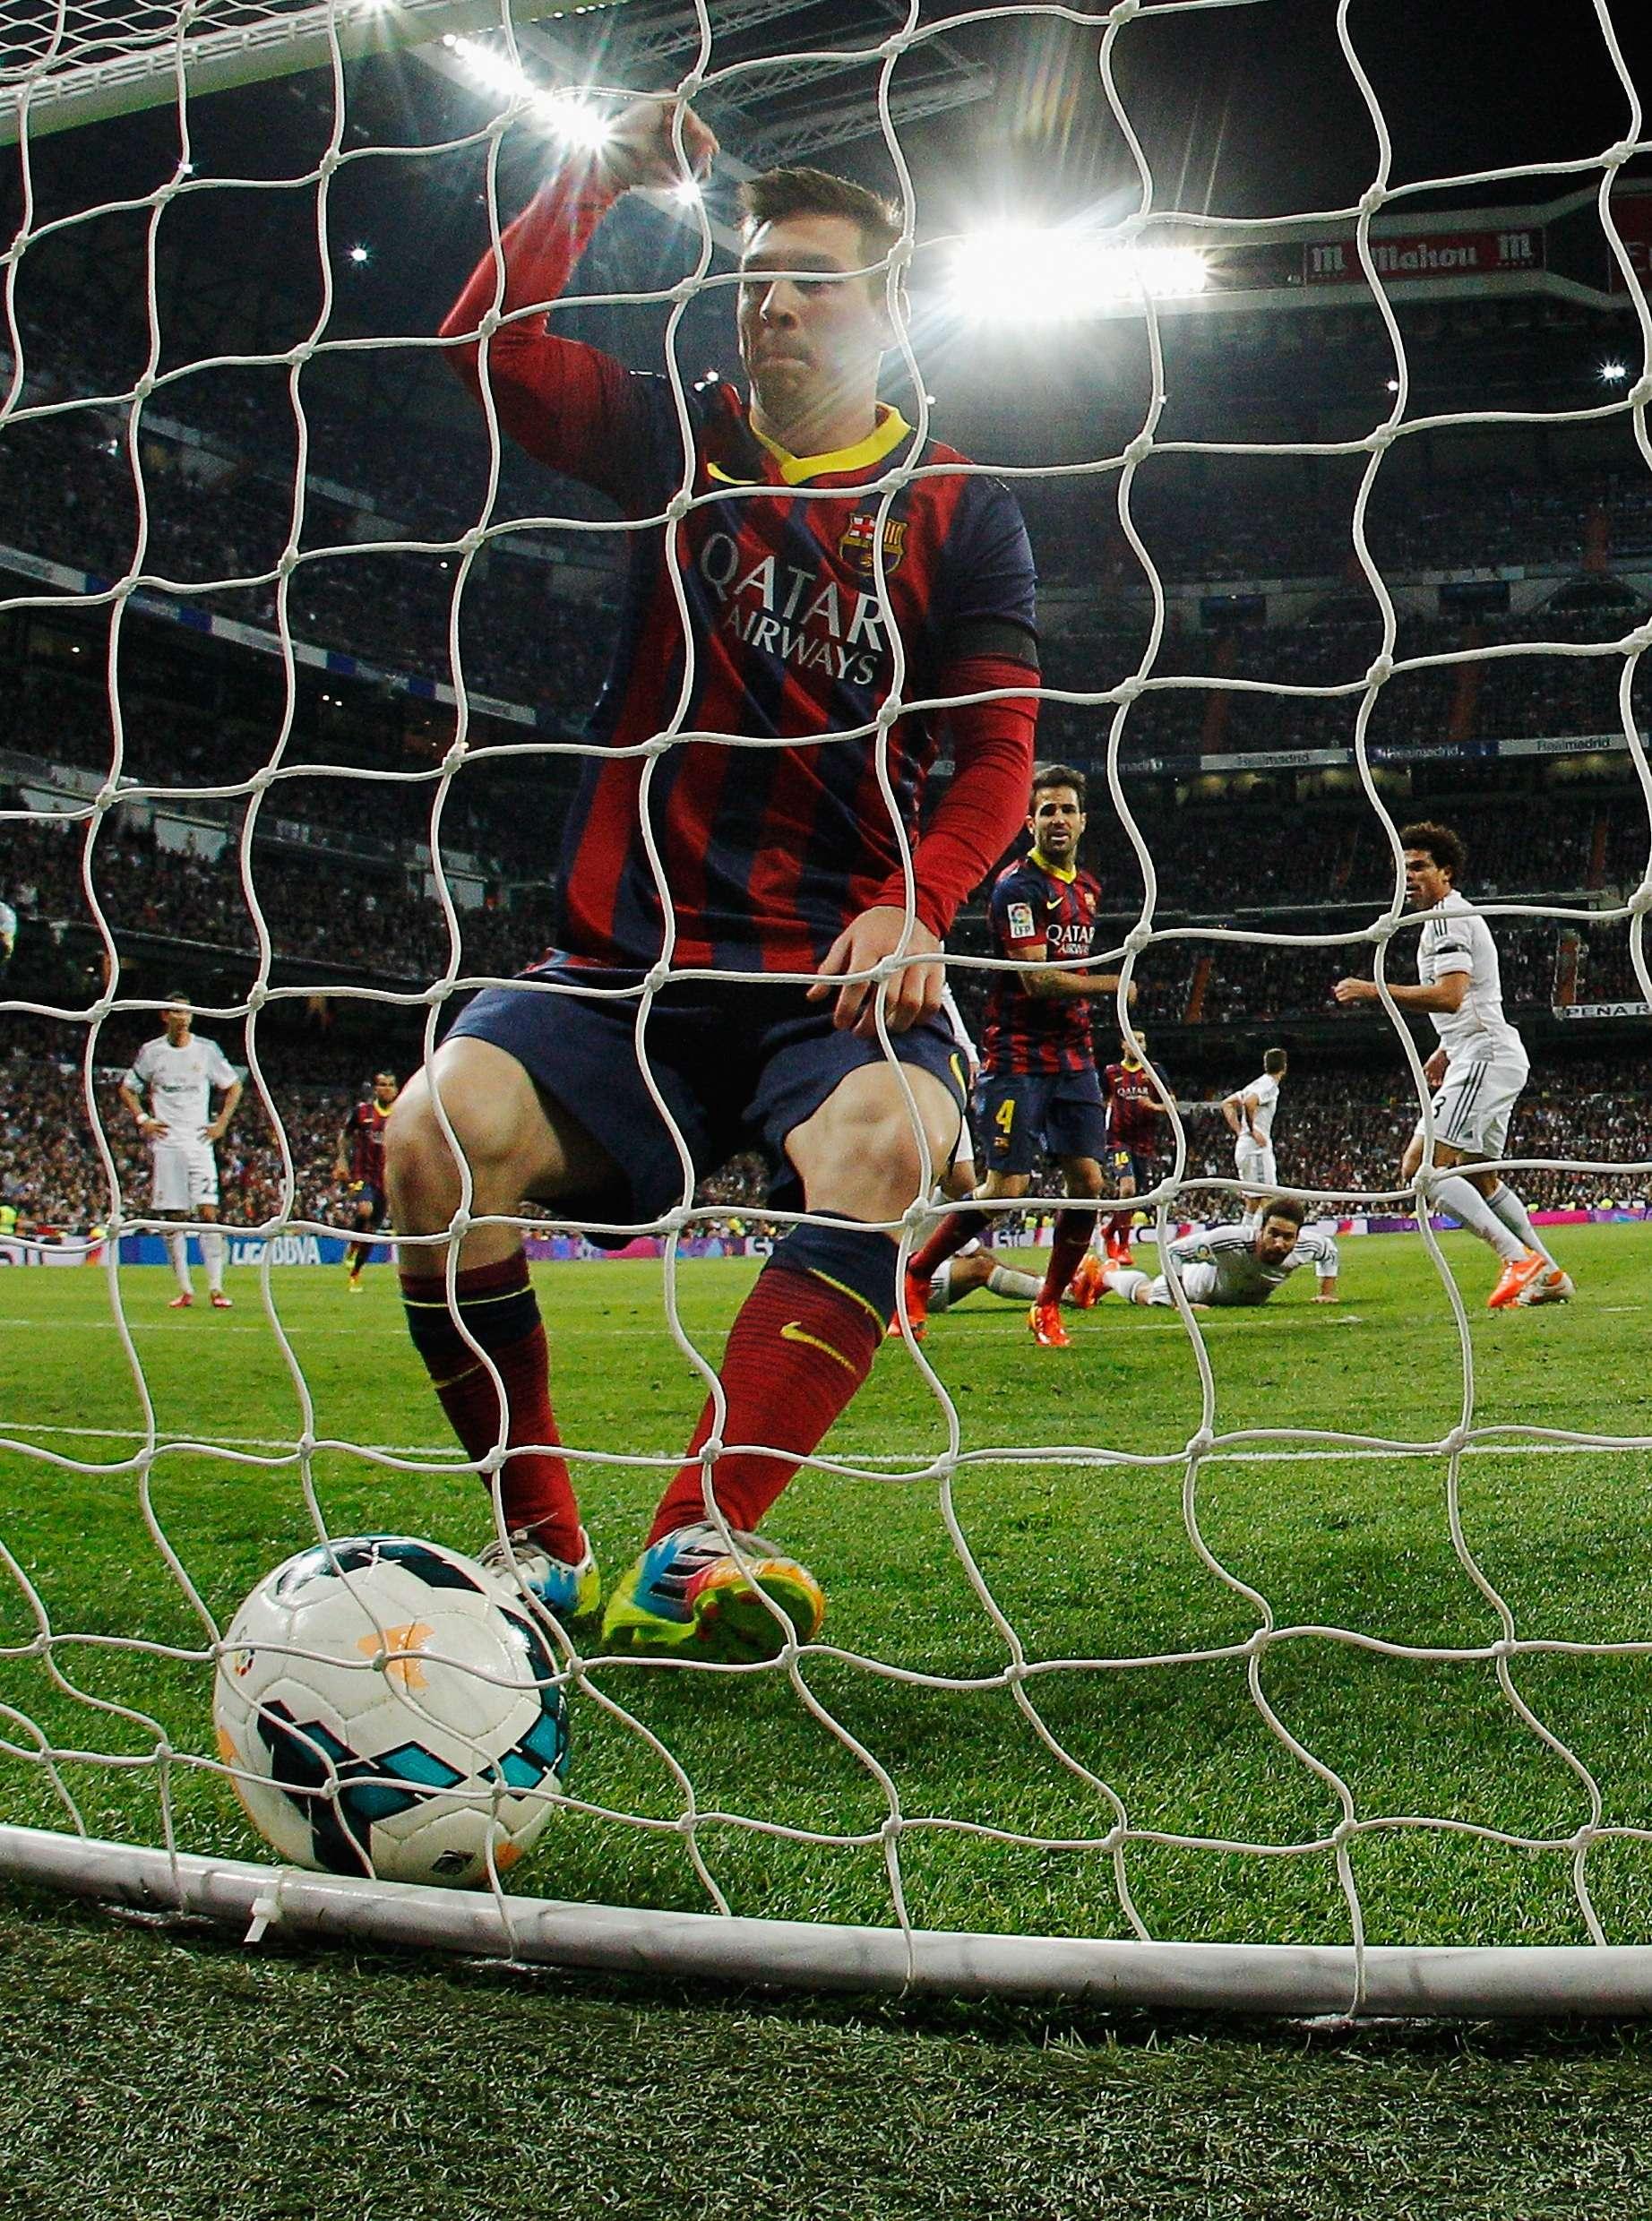 Barcelona y Real Madrid jugarán el clásico español el próximo fin de semana. Foto: Getty Images